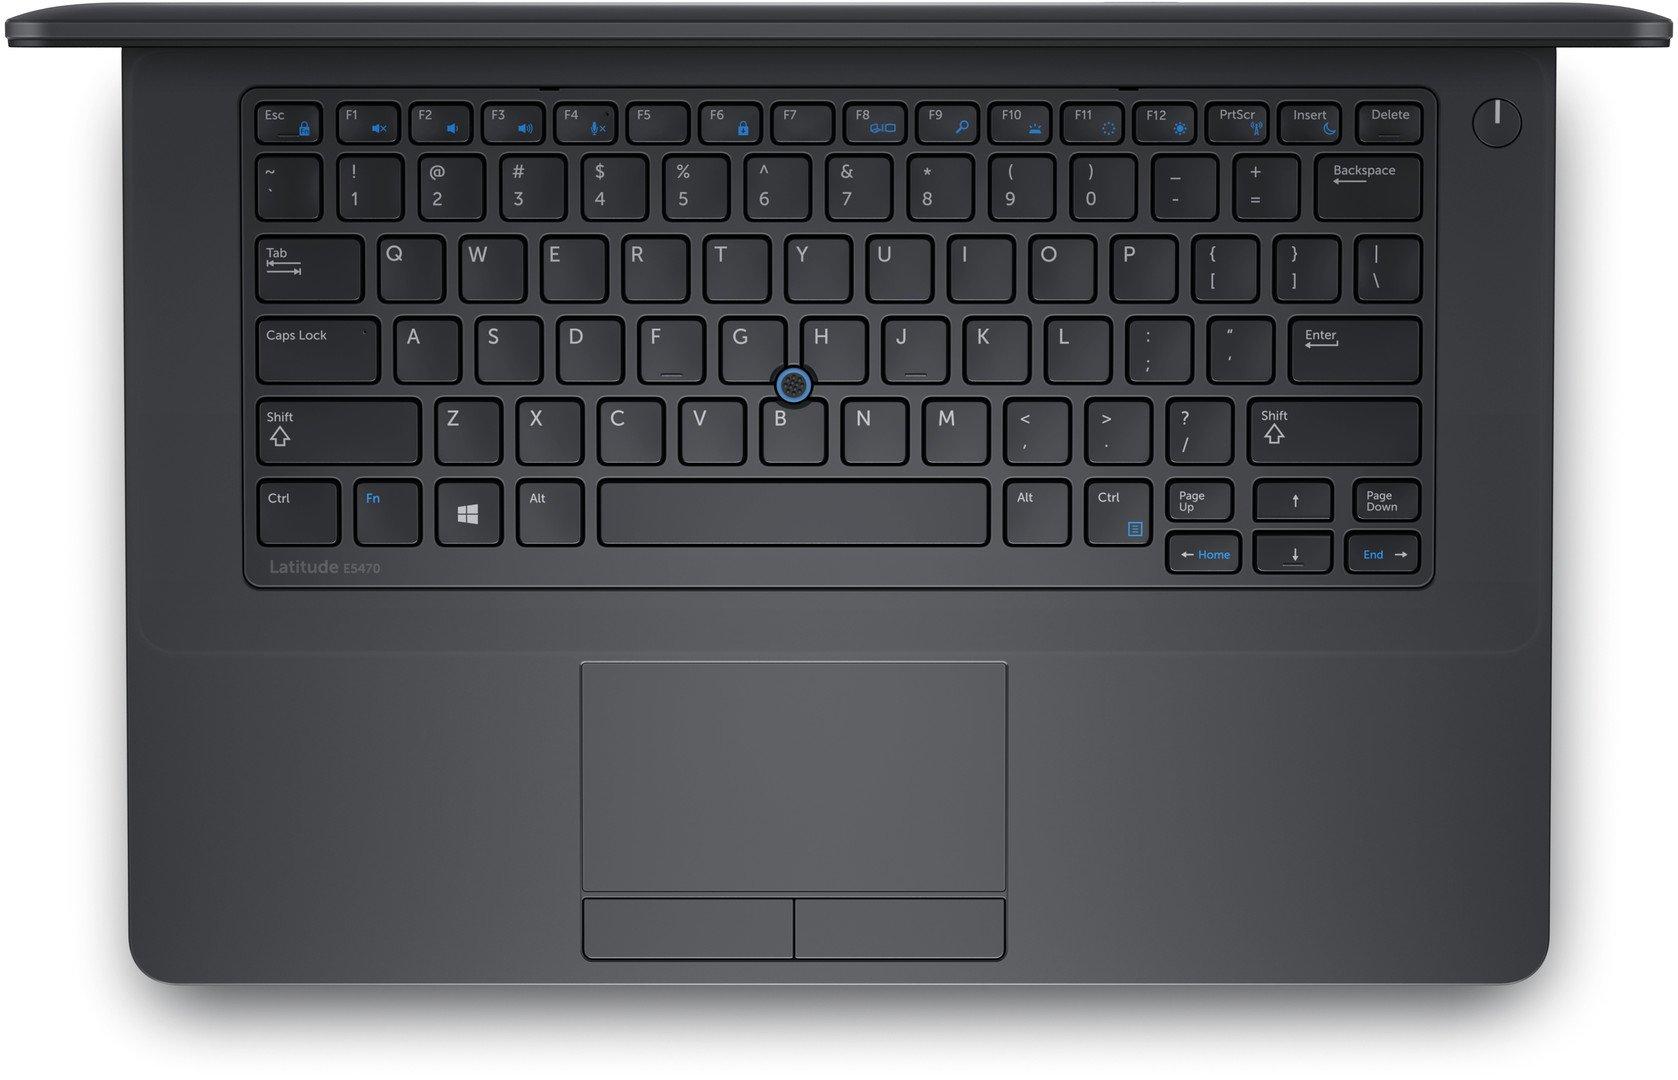 Dell Latitude 14 5000 E5470 I5 Astringo